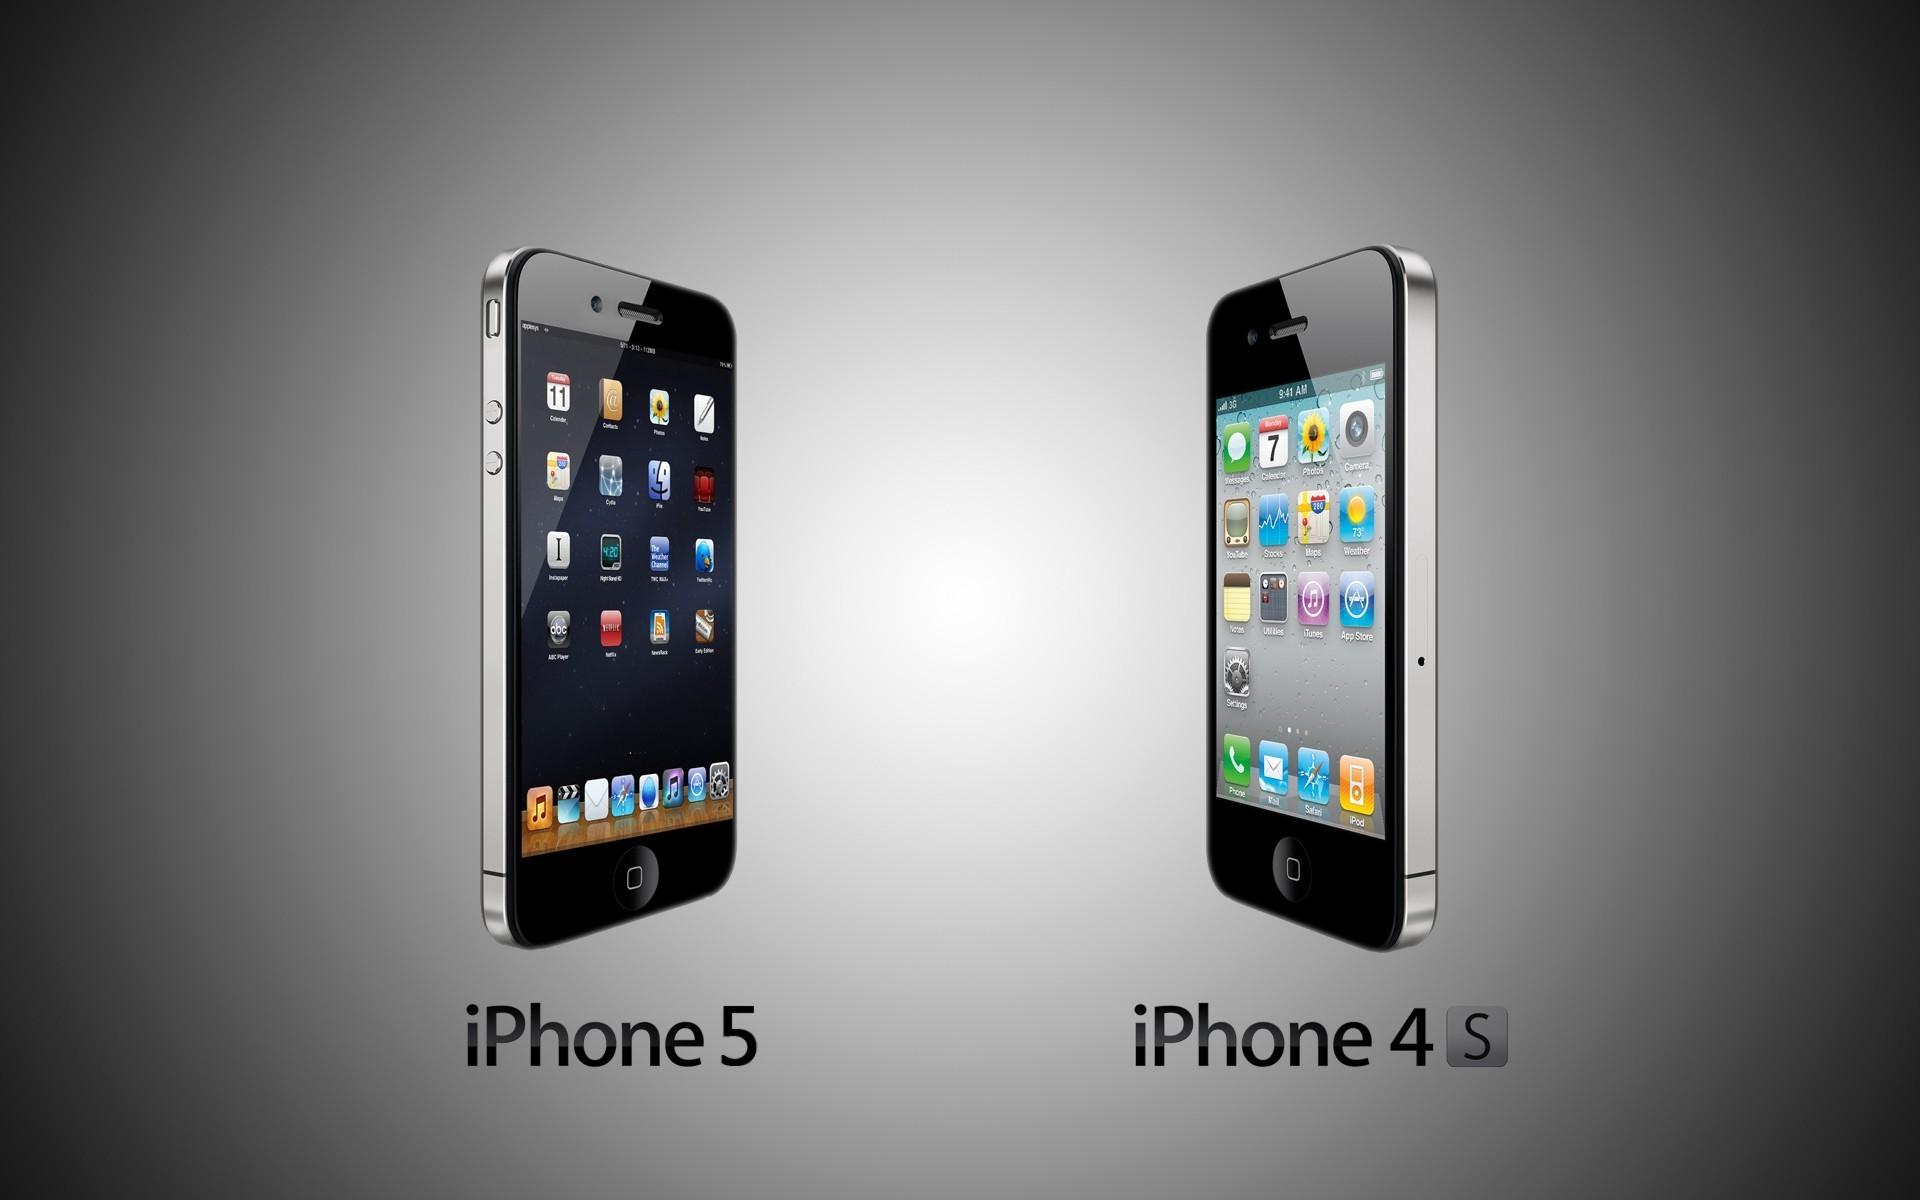 Iphone 5 Vs Iphone 4s HD Wallpaper ImageBankbiz 1920x1200